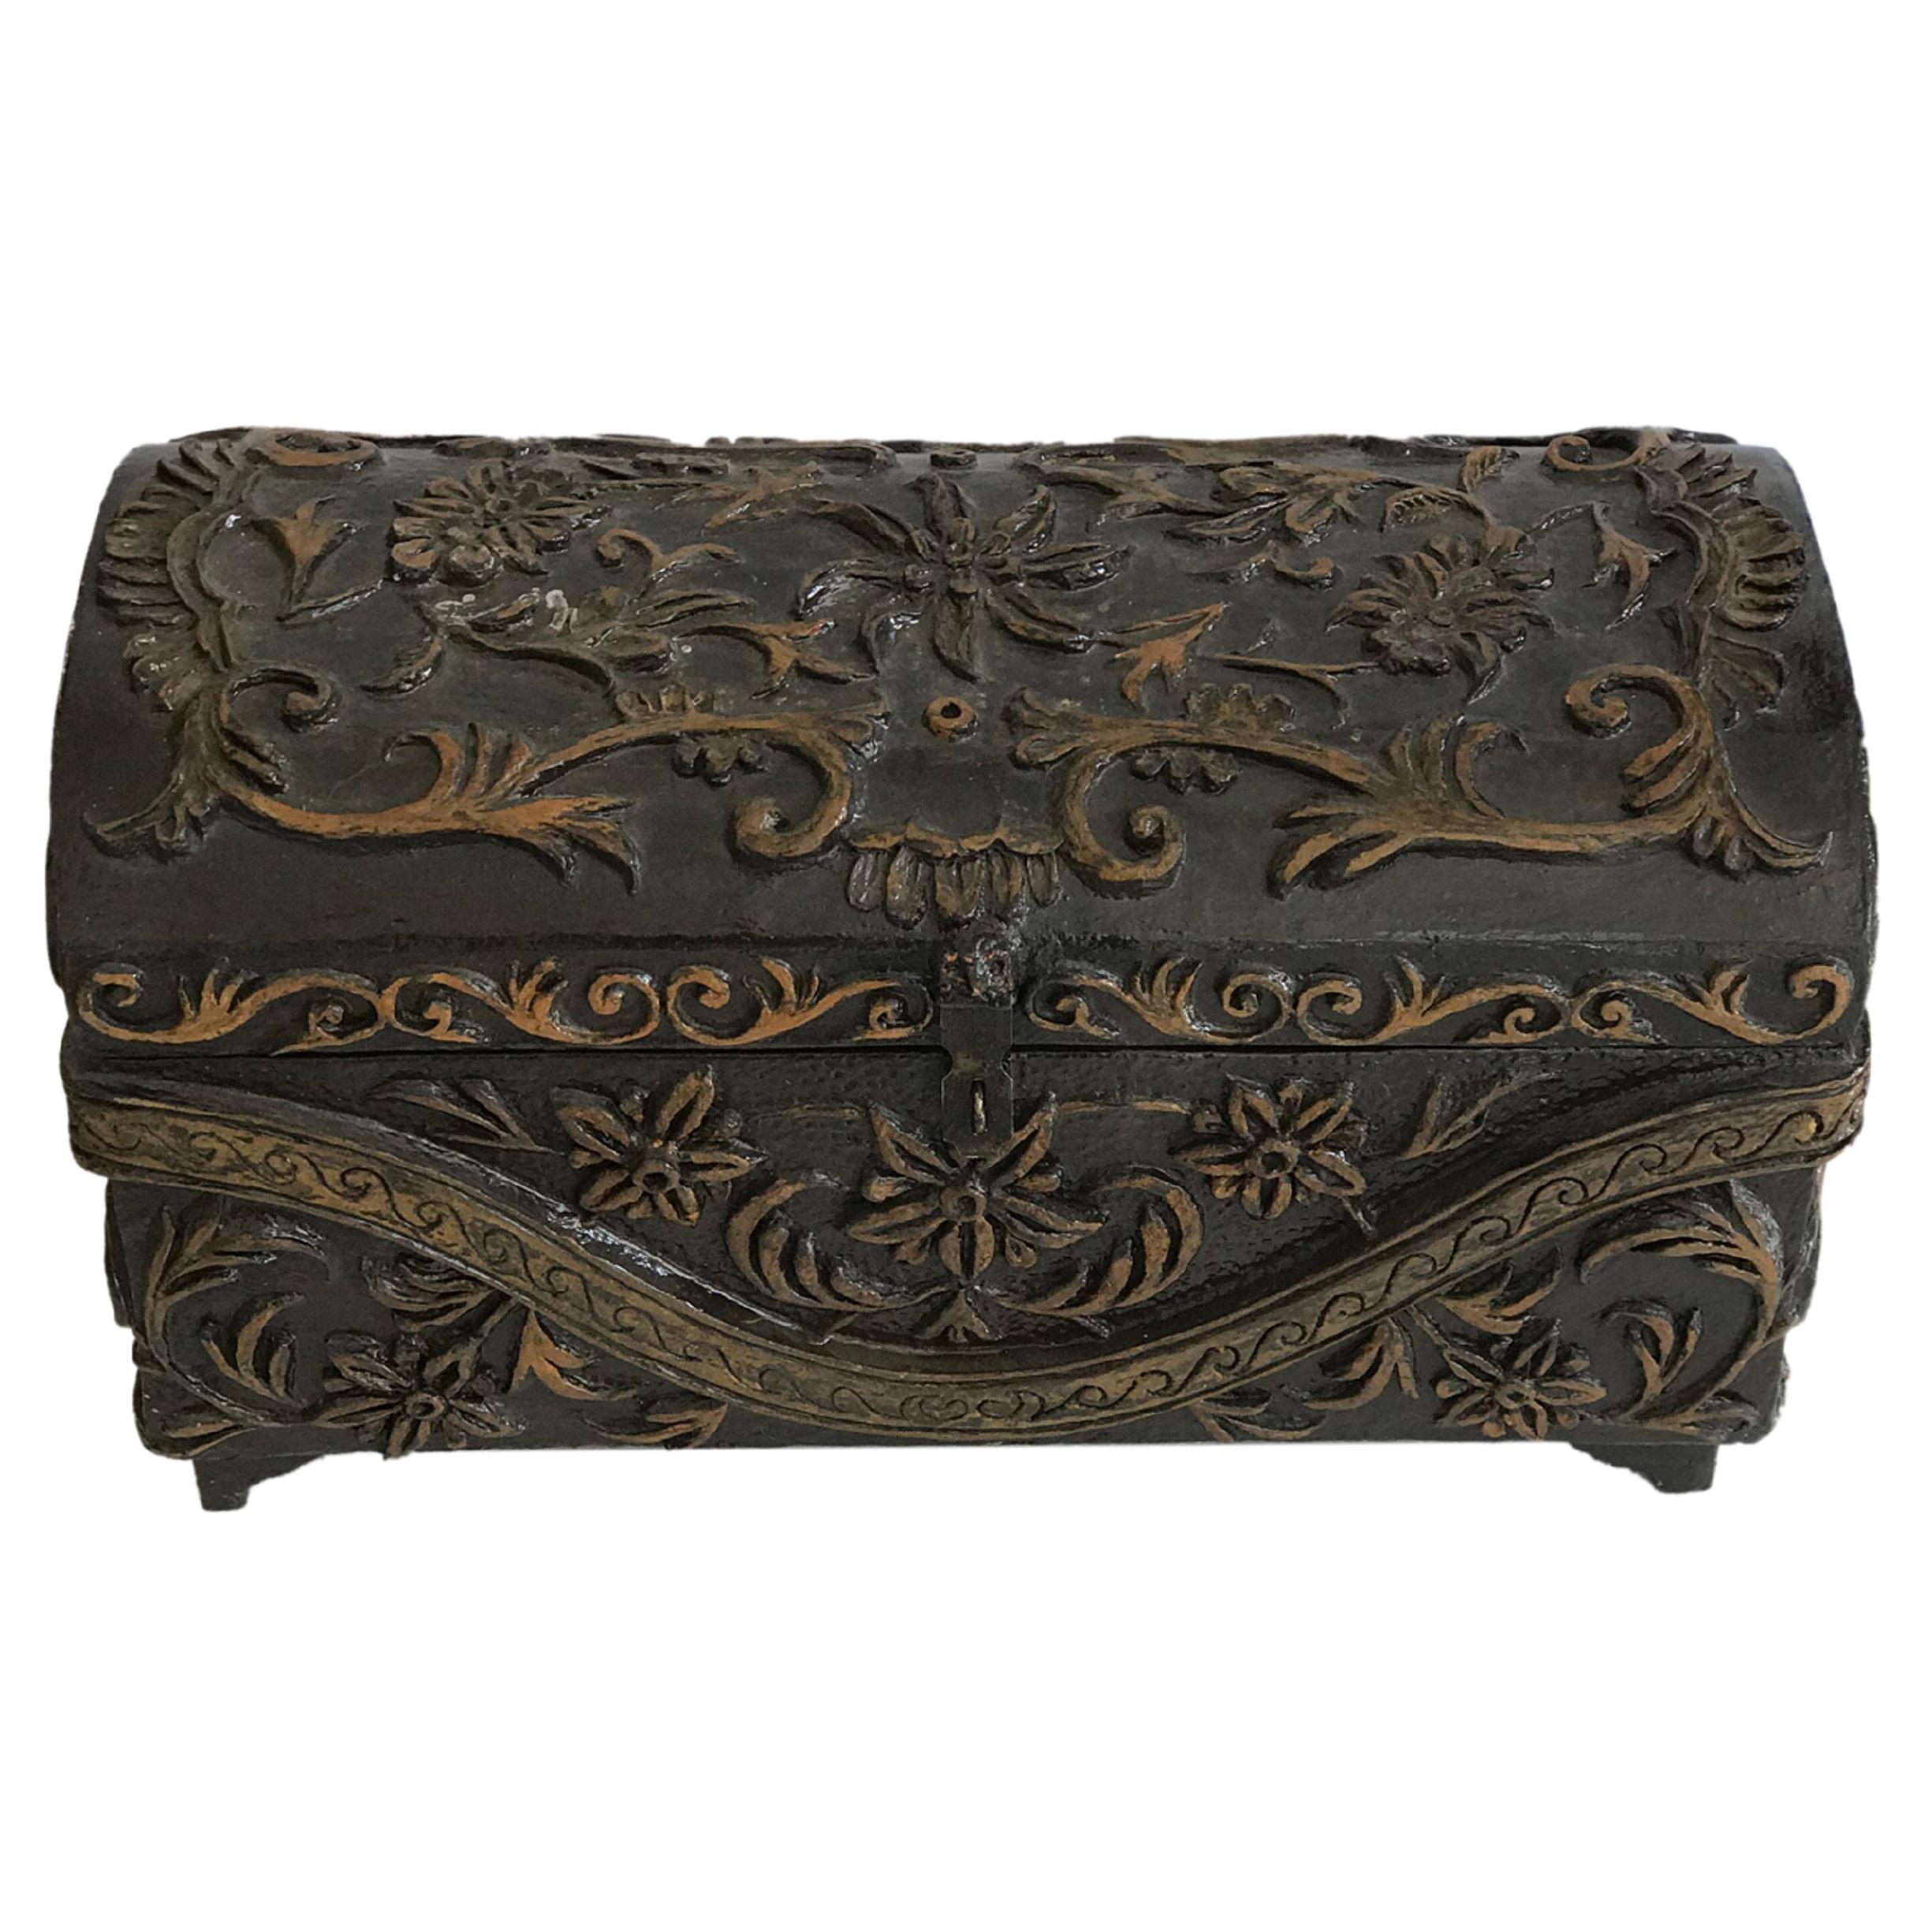 صندوق چوبی مدل نقش و نگار